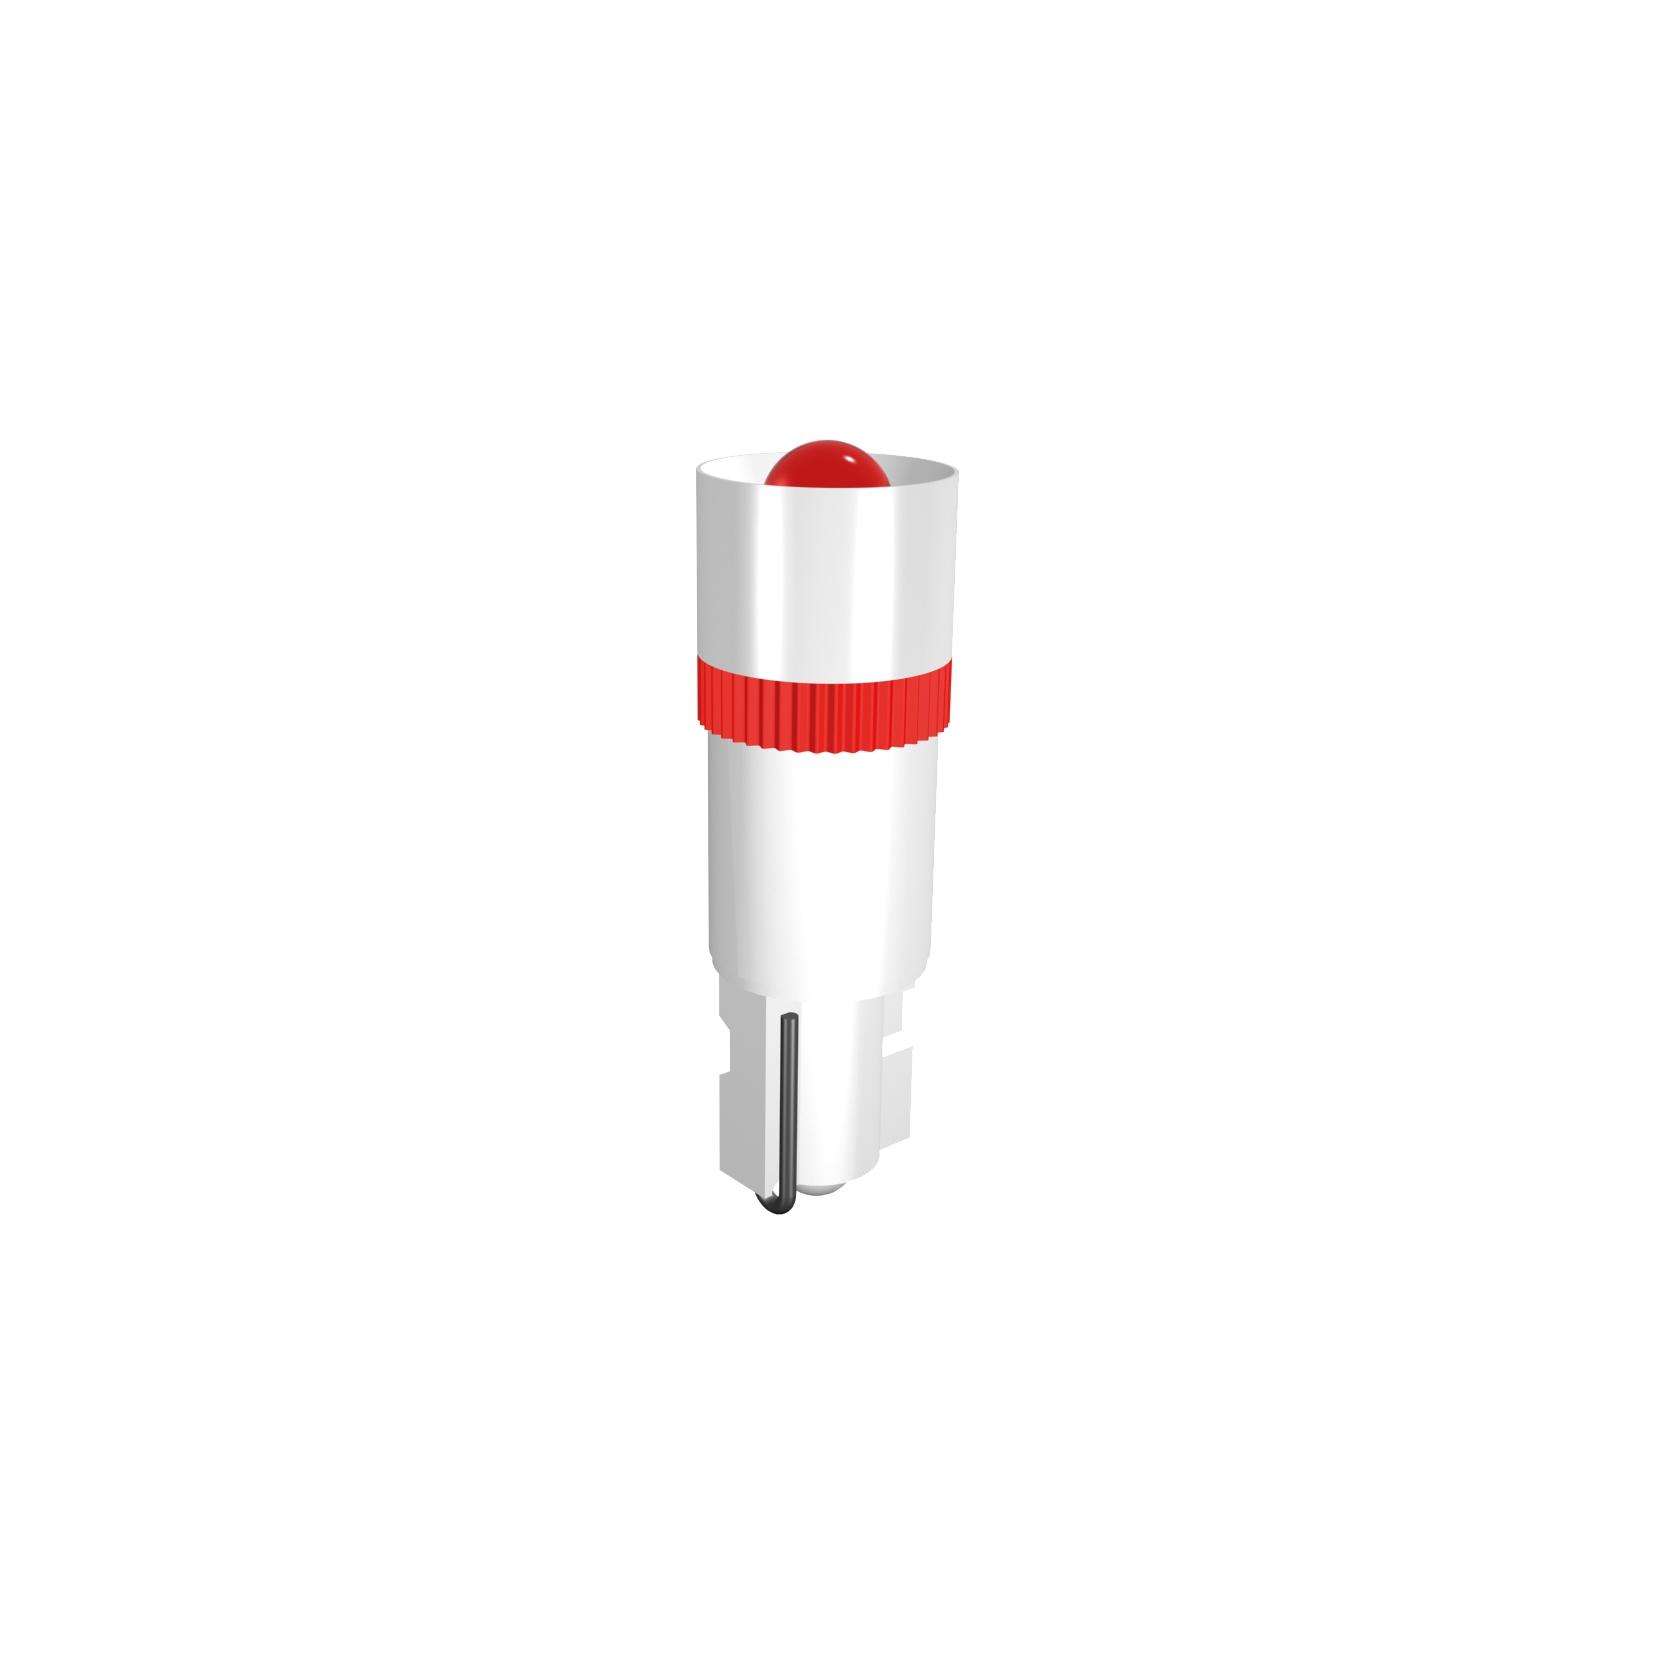 Single-LED Sockel W2x4,6 Einweggleichrichtung